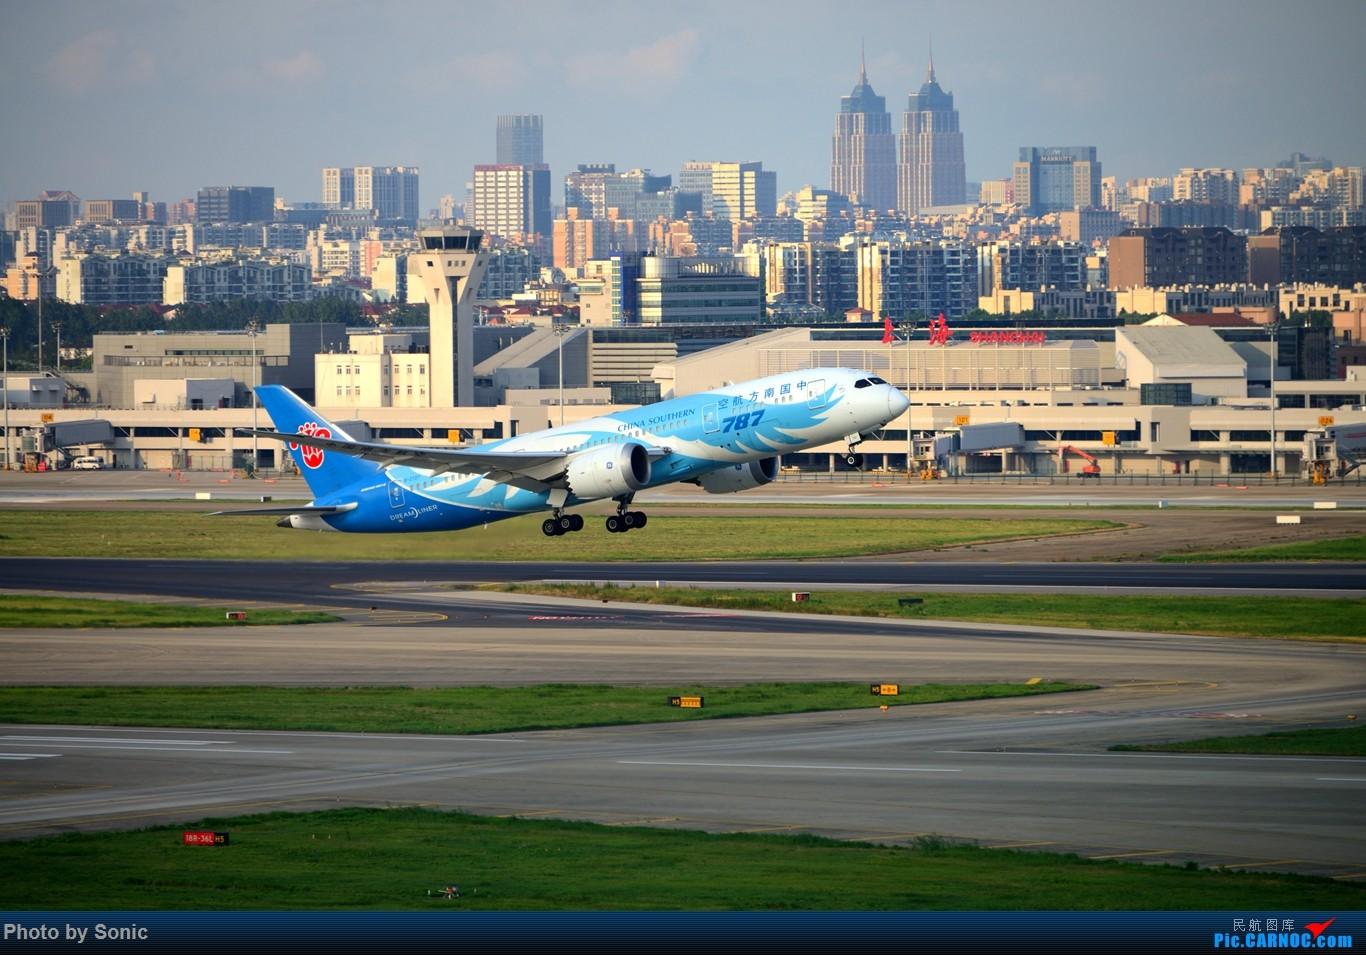 [原创]南航787 虹桥西区 BOEING 787-8 B-2727 中国上海虹桥国际机场